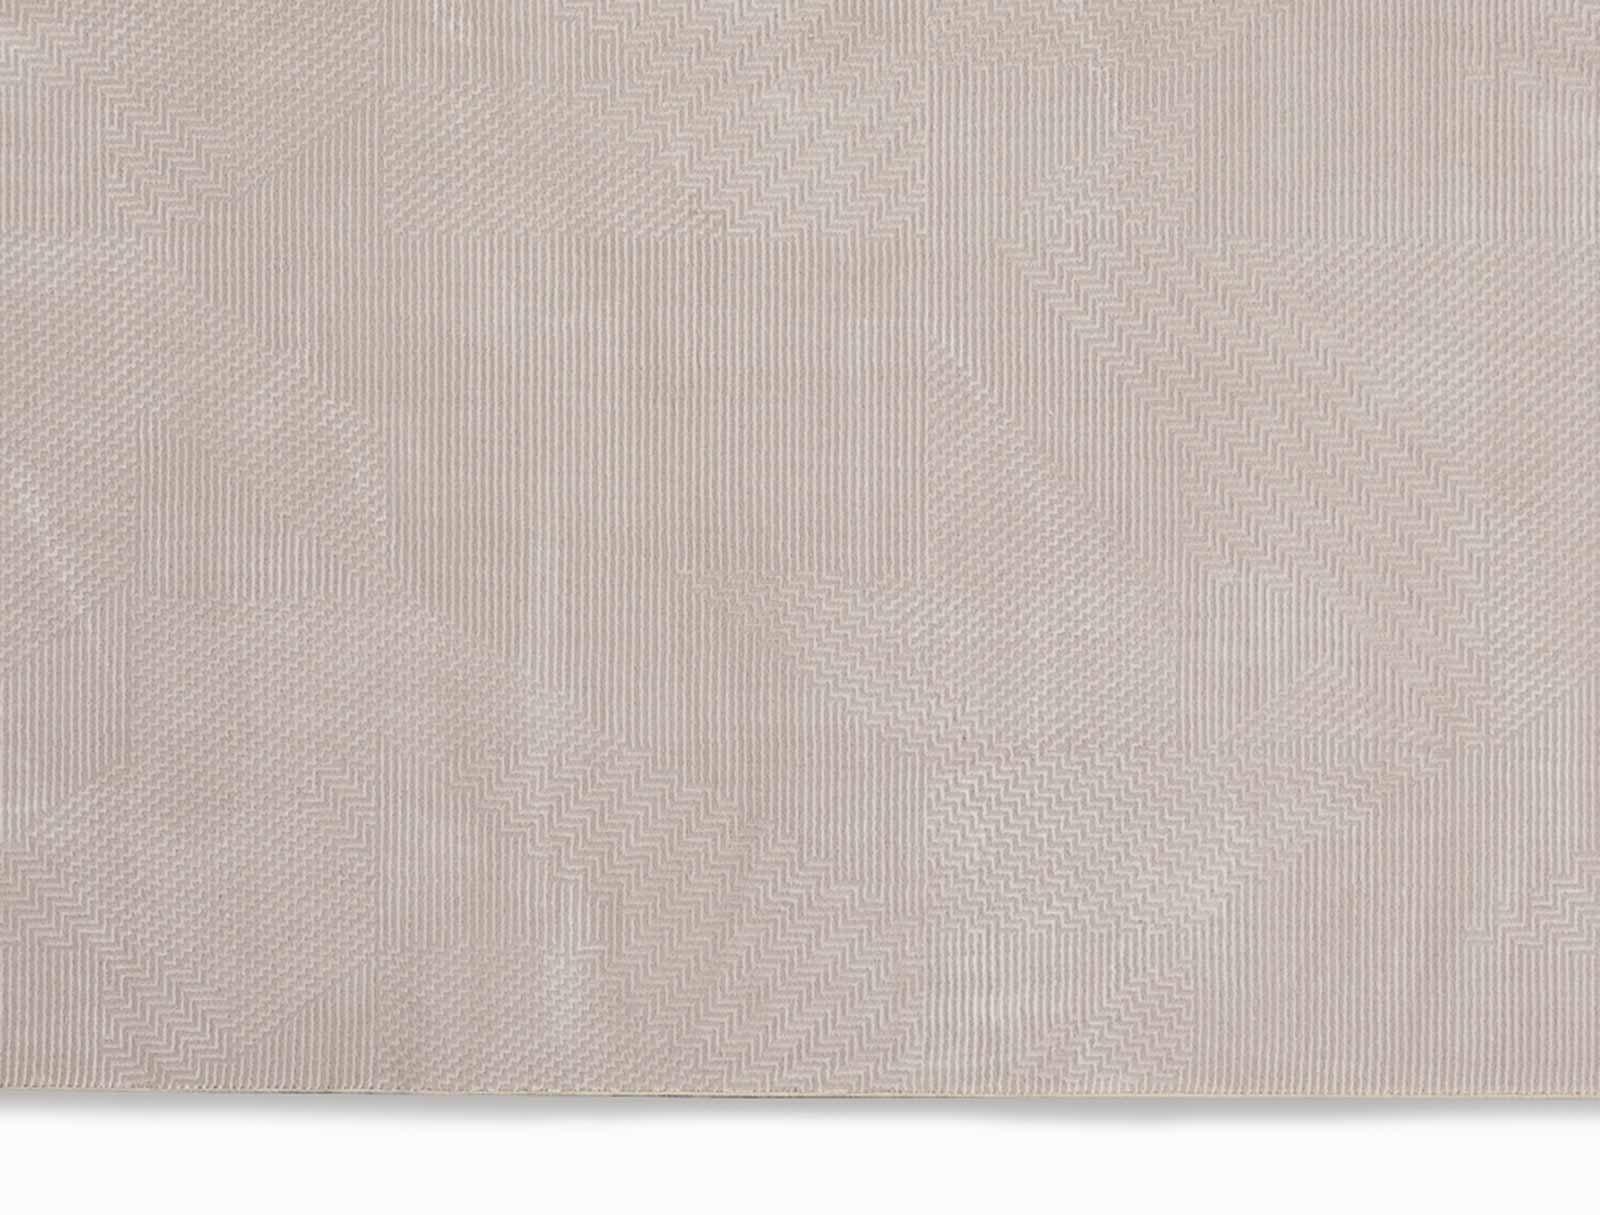 Calvin Klein rug Orlando CK850 CK852 GREY BEIGE 5X7 099446488251 alt2